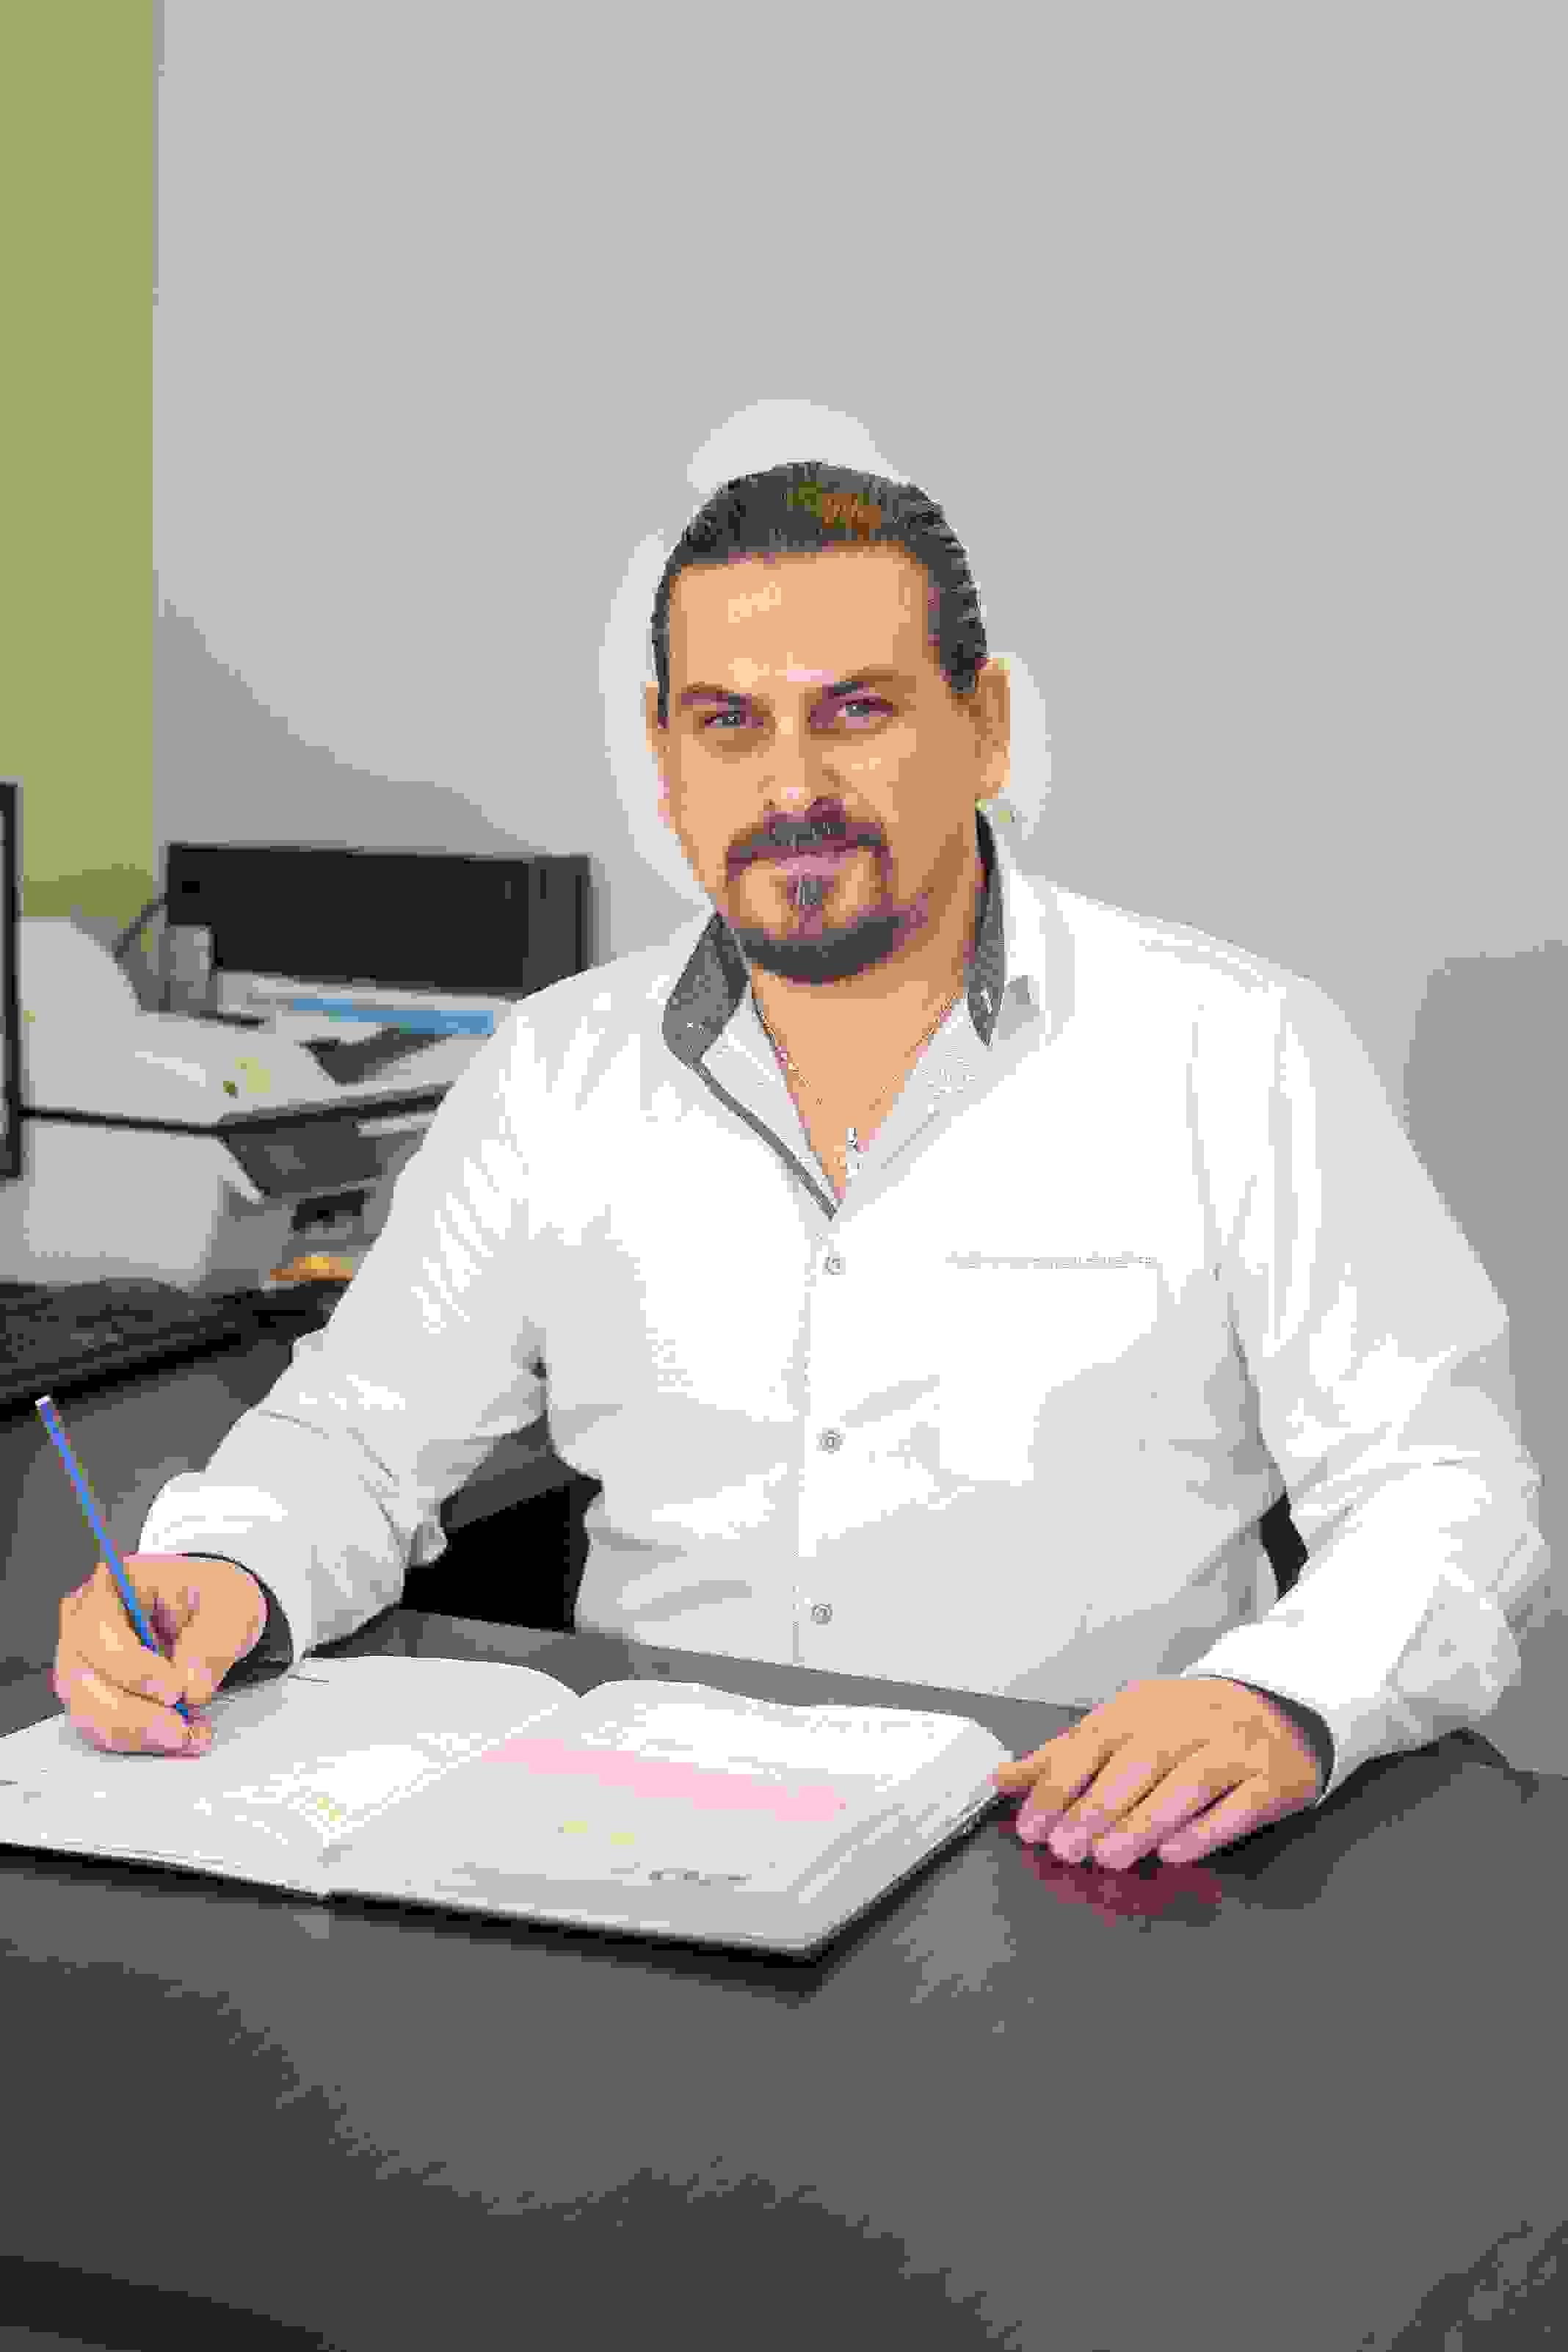 Γ. ΠΑΠΑΝΑΣΤΑΣΑΤΟΣ: Υπόσχομαι  ότι θα σταθώ δίπλα στα προβλήματα των επαγγελματιών του νομού μας